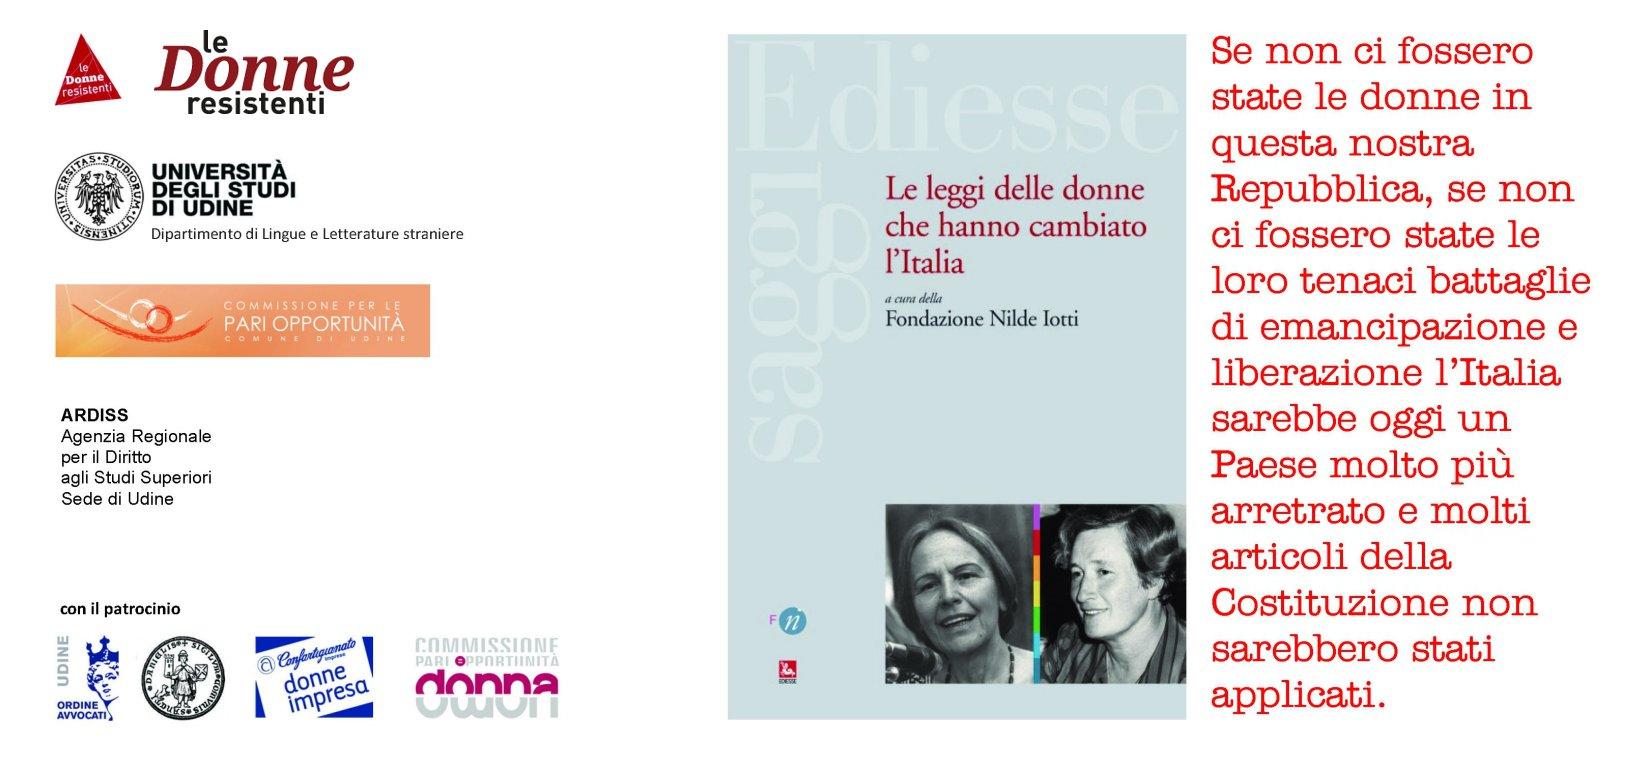 Le leggi delle donne che hanno cambiato l italia paola for Chi fa le leggi in italia